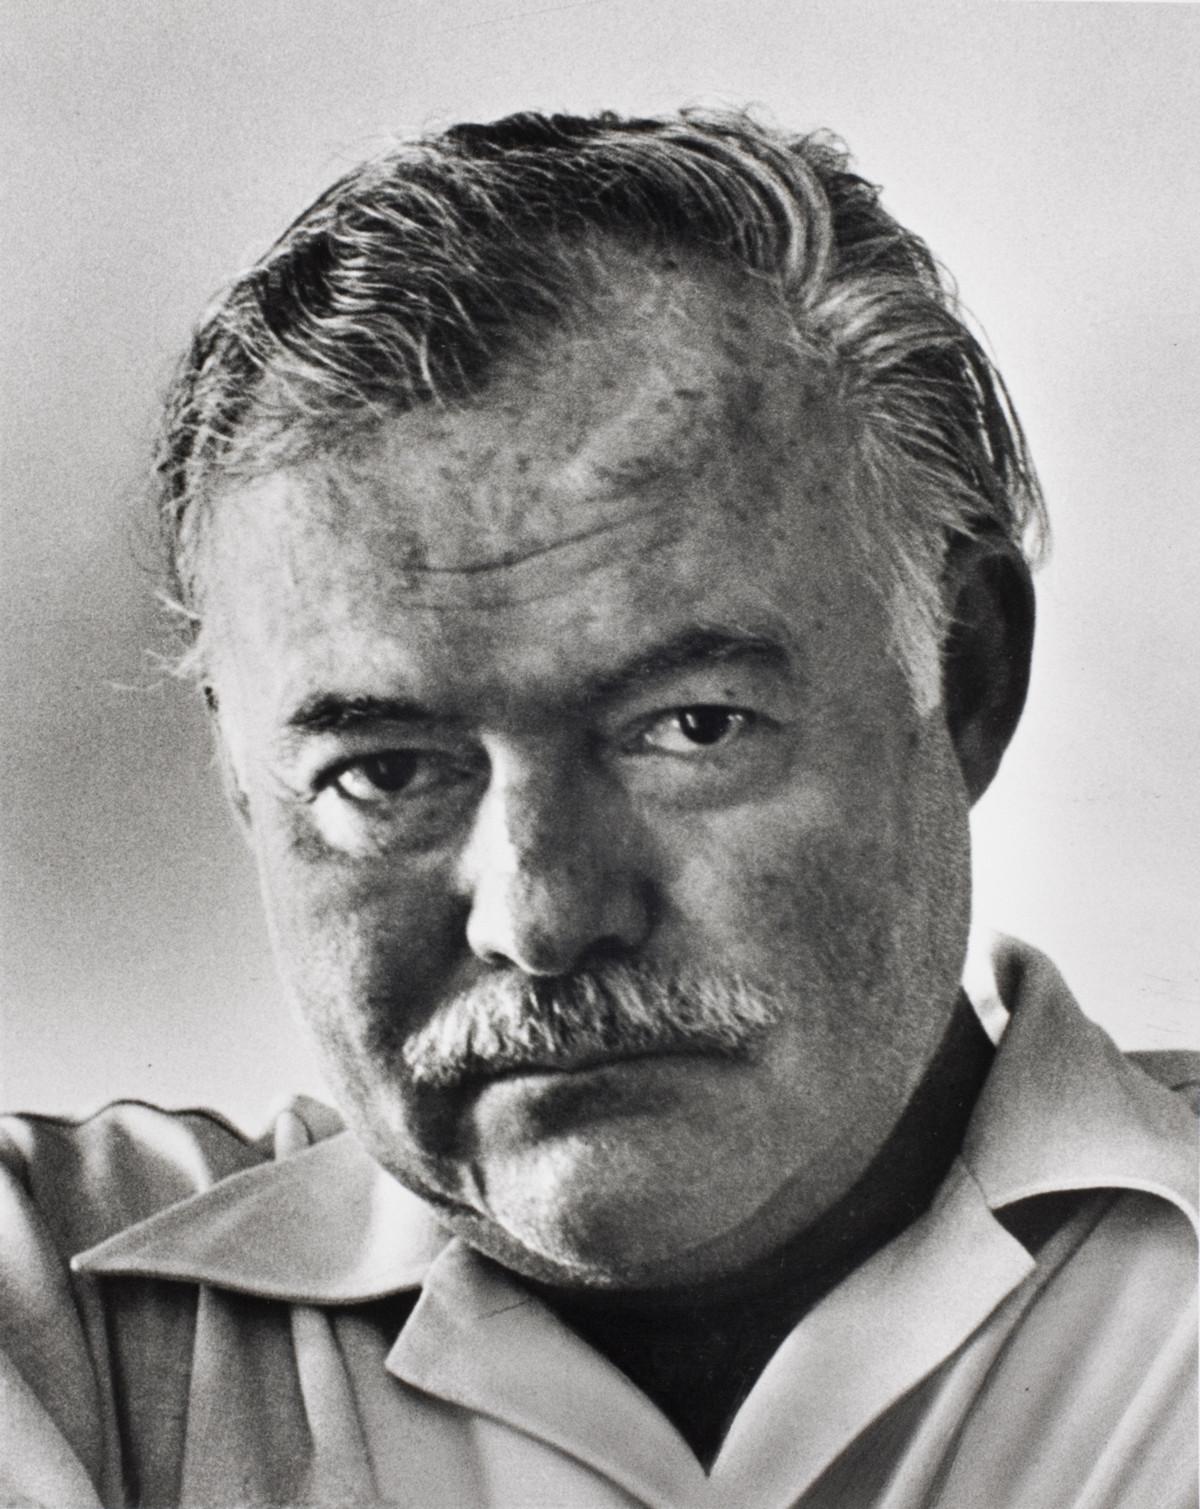 Alfred Eisenstaedt photos Writer Ernest Hemingway. Havana, Cuba, 1952.